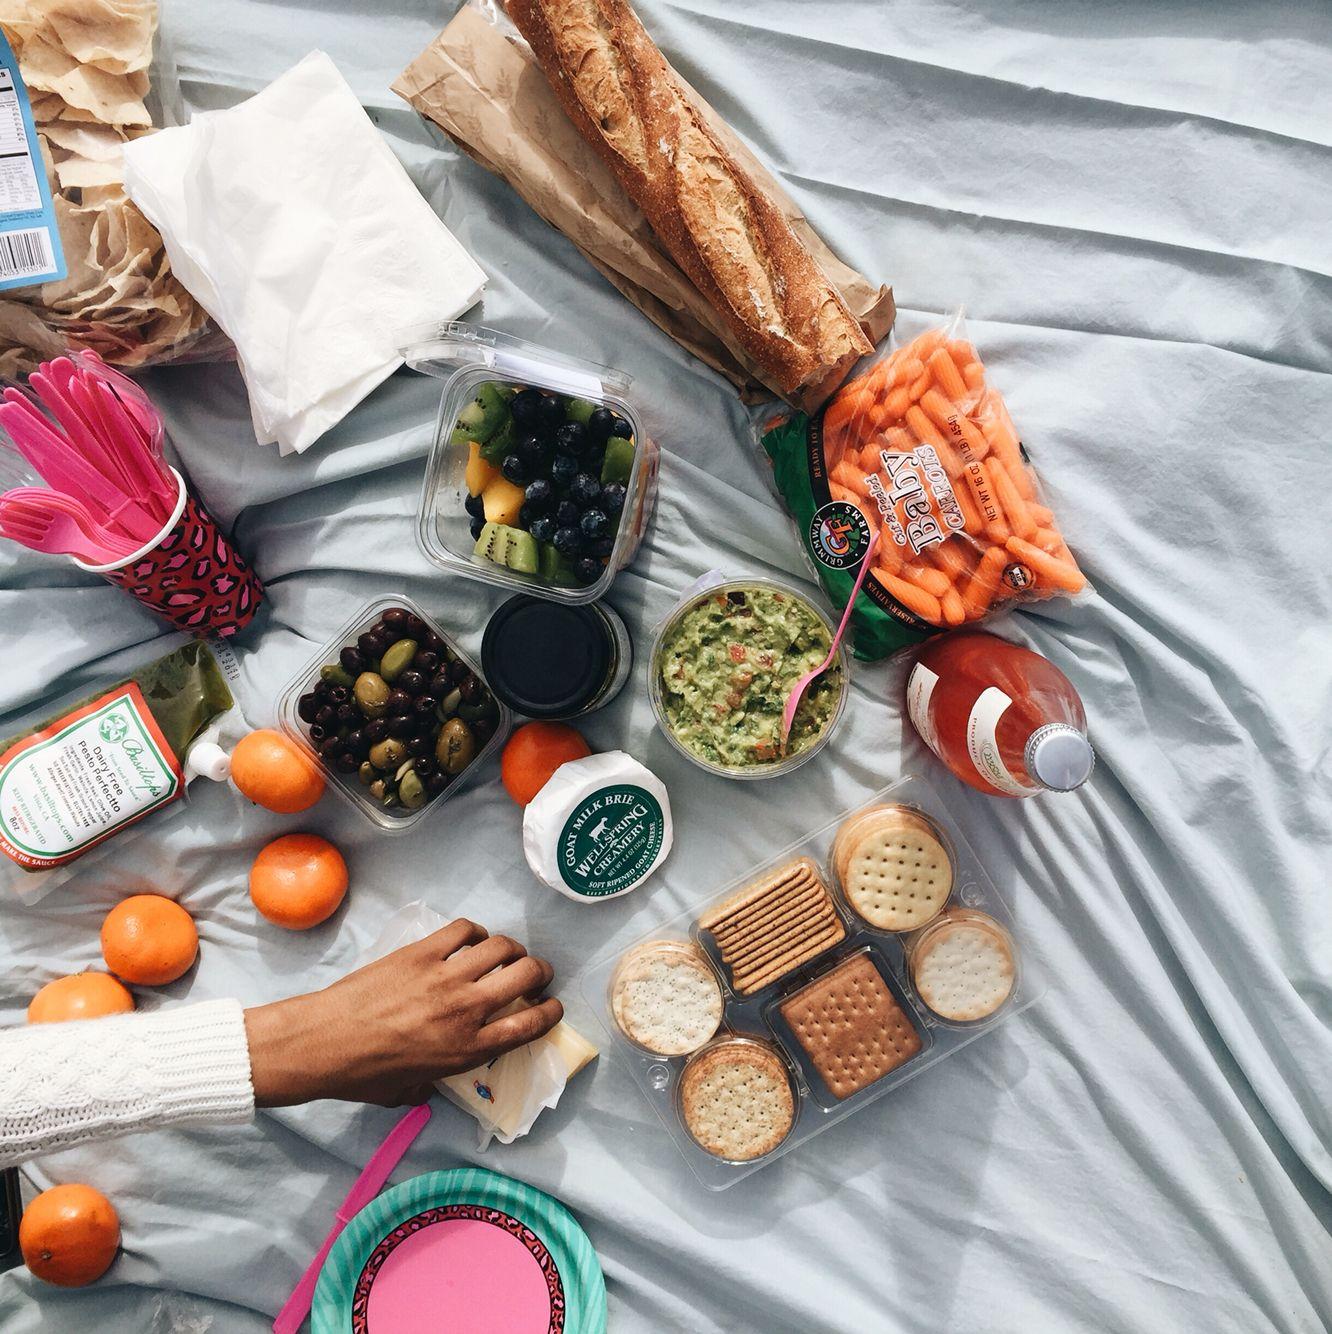 Missing summer picnics